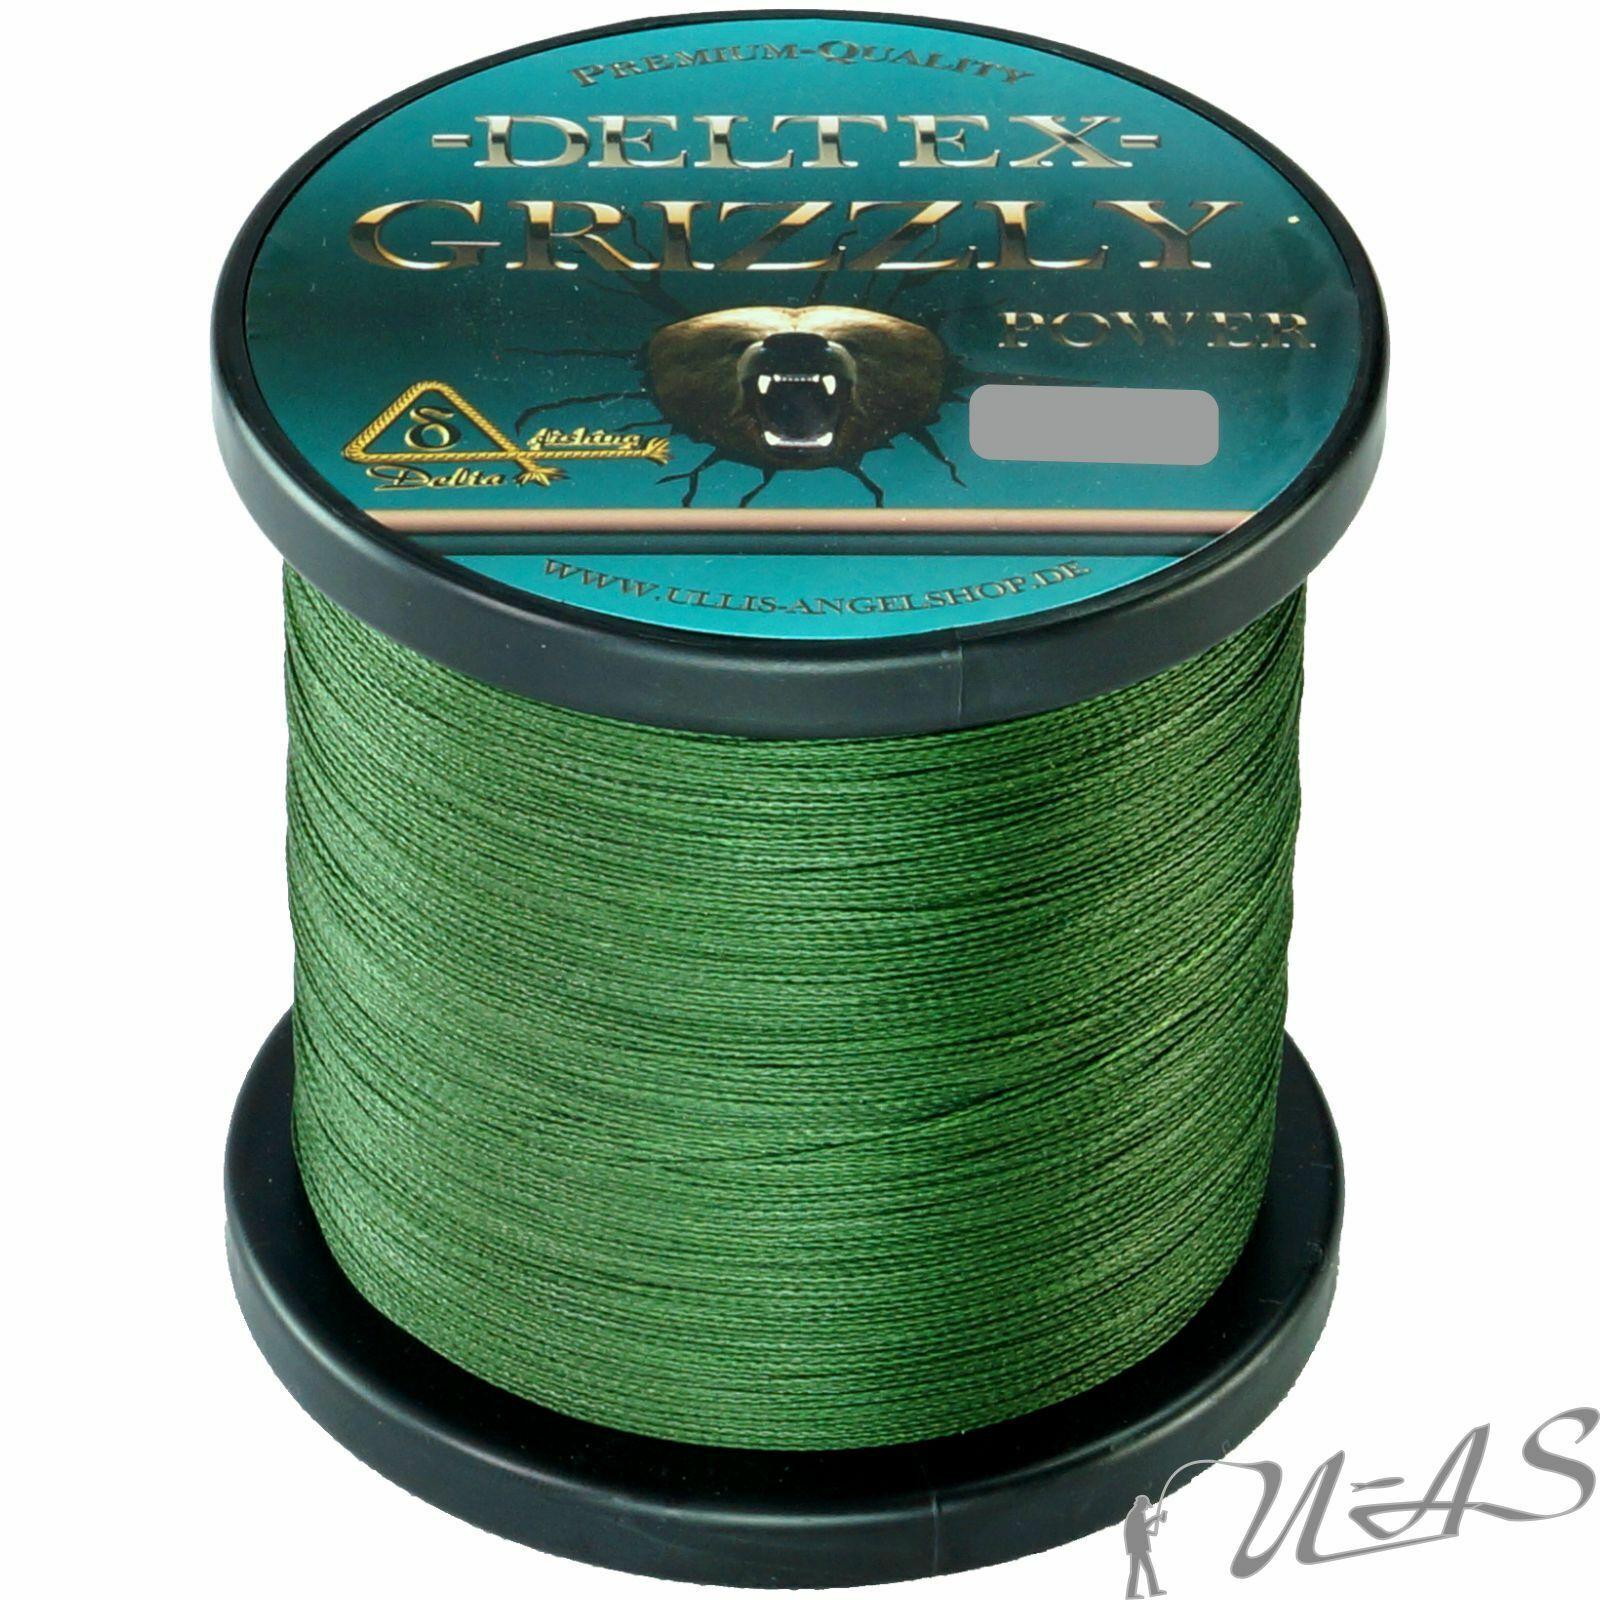 DELTEX GRIZZLY Grün 0.20mm 24,60kg 1000M PE JAPAN 4 fach Geflochtene Angelschnur